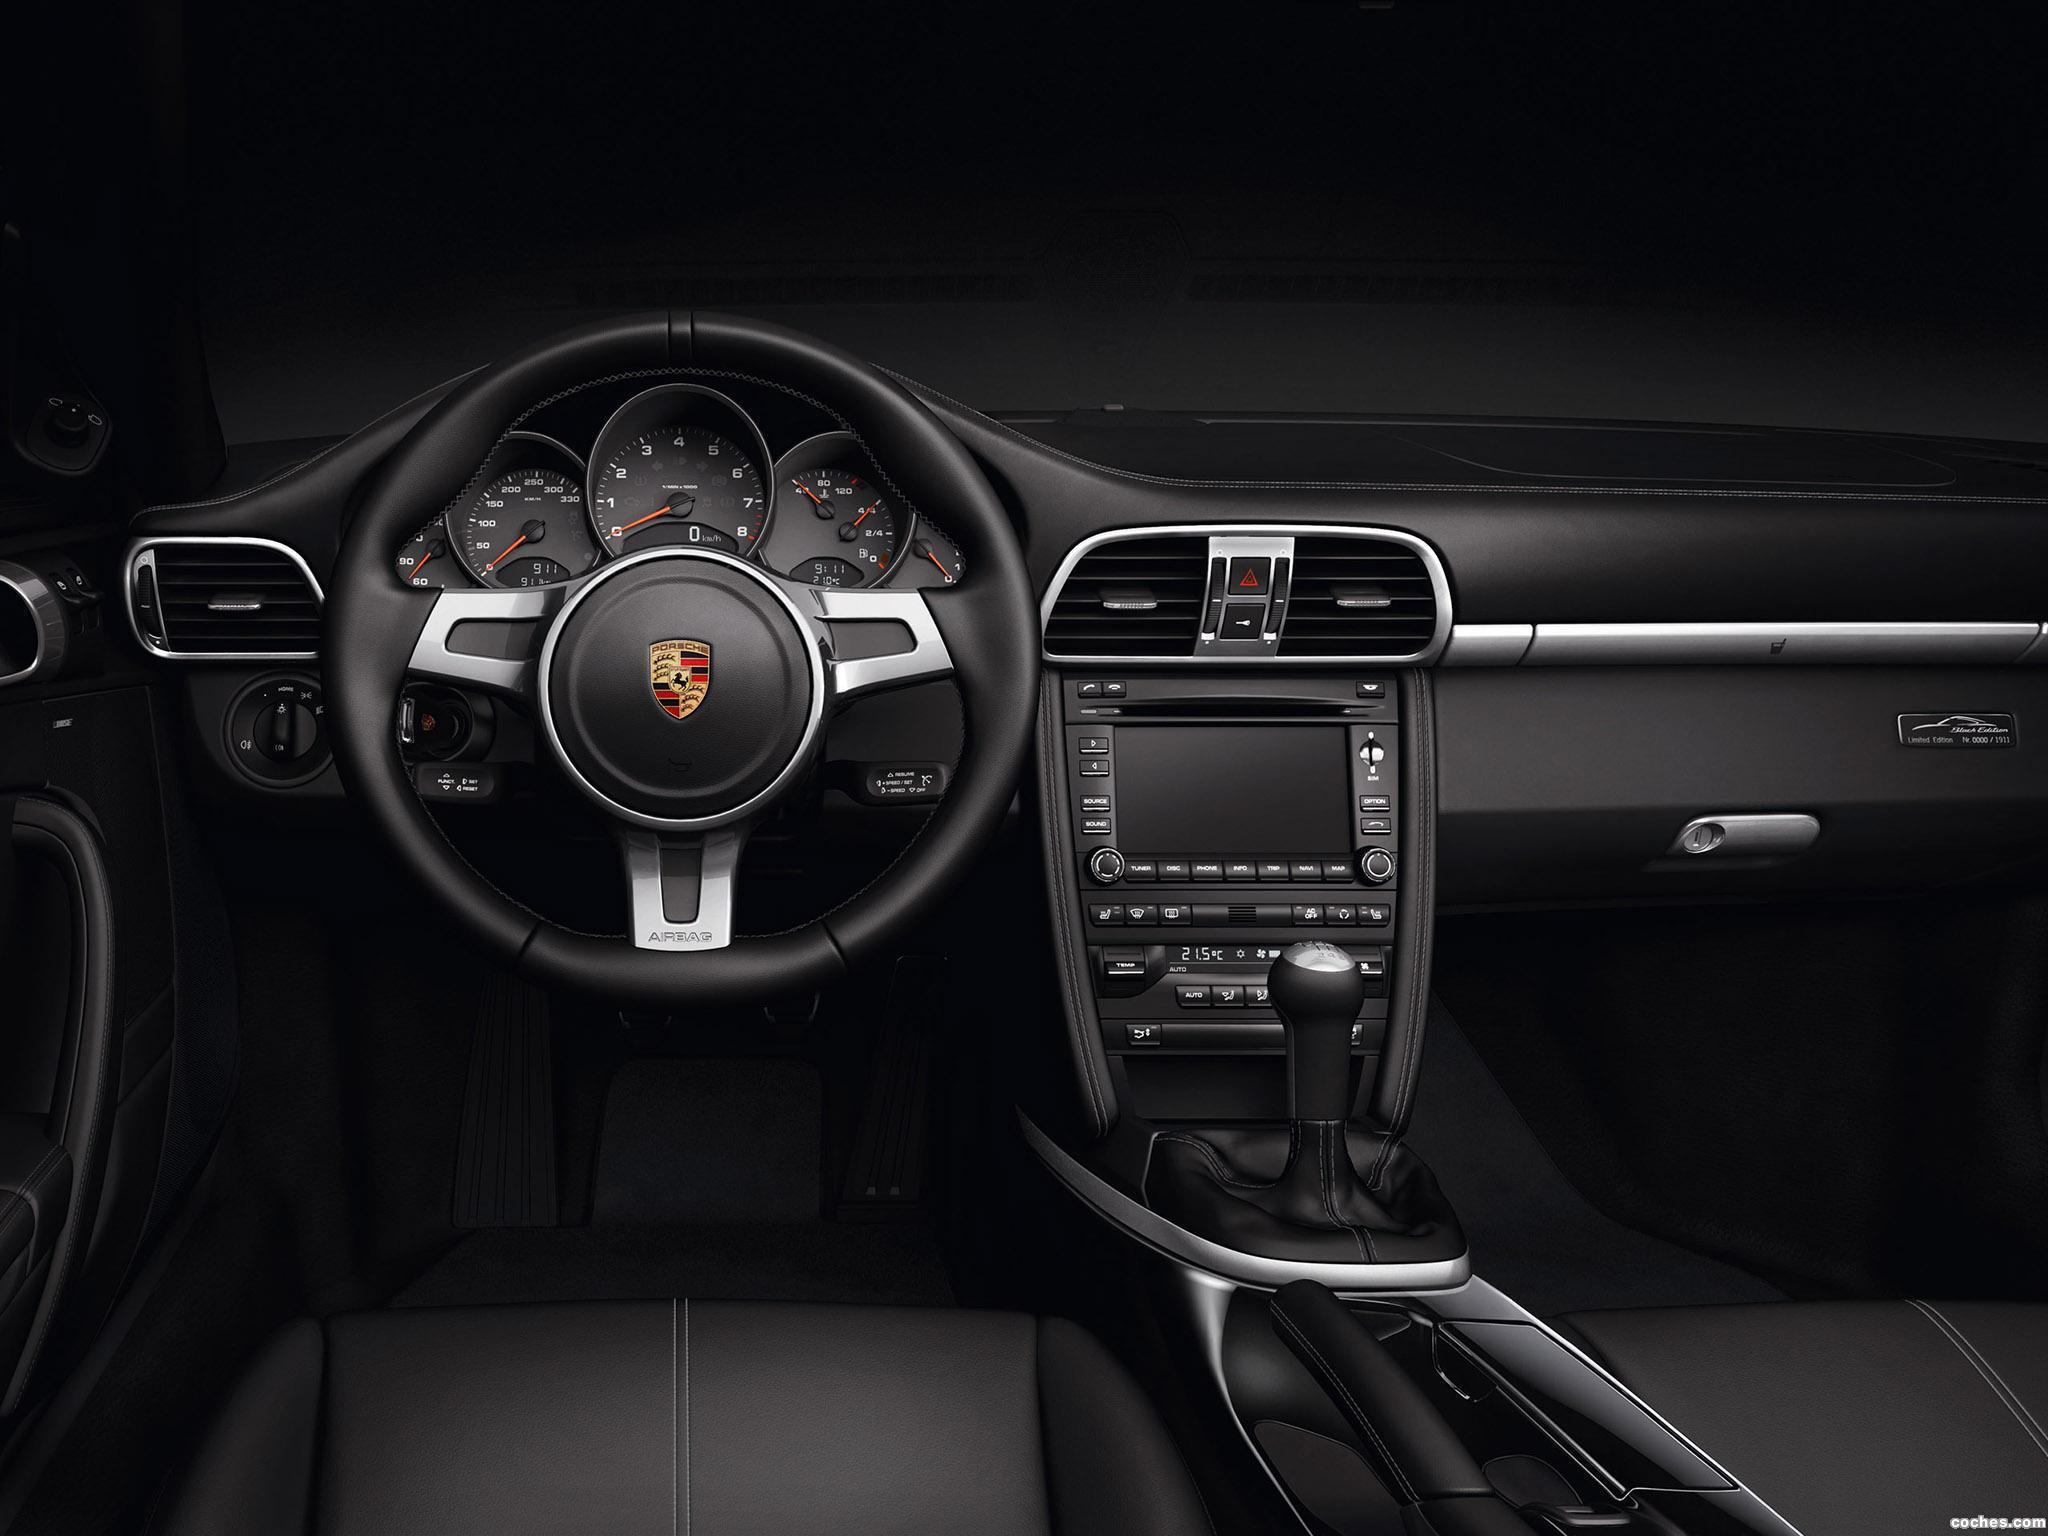 Foto 3 de Porsche 911 Cabriolet Black Edition 997 2011